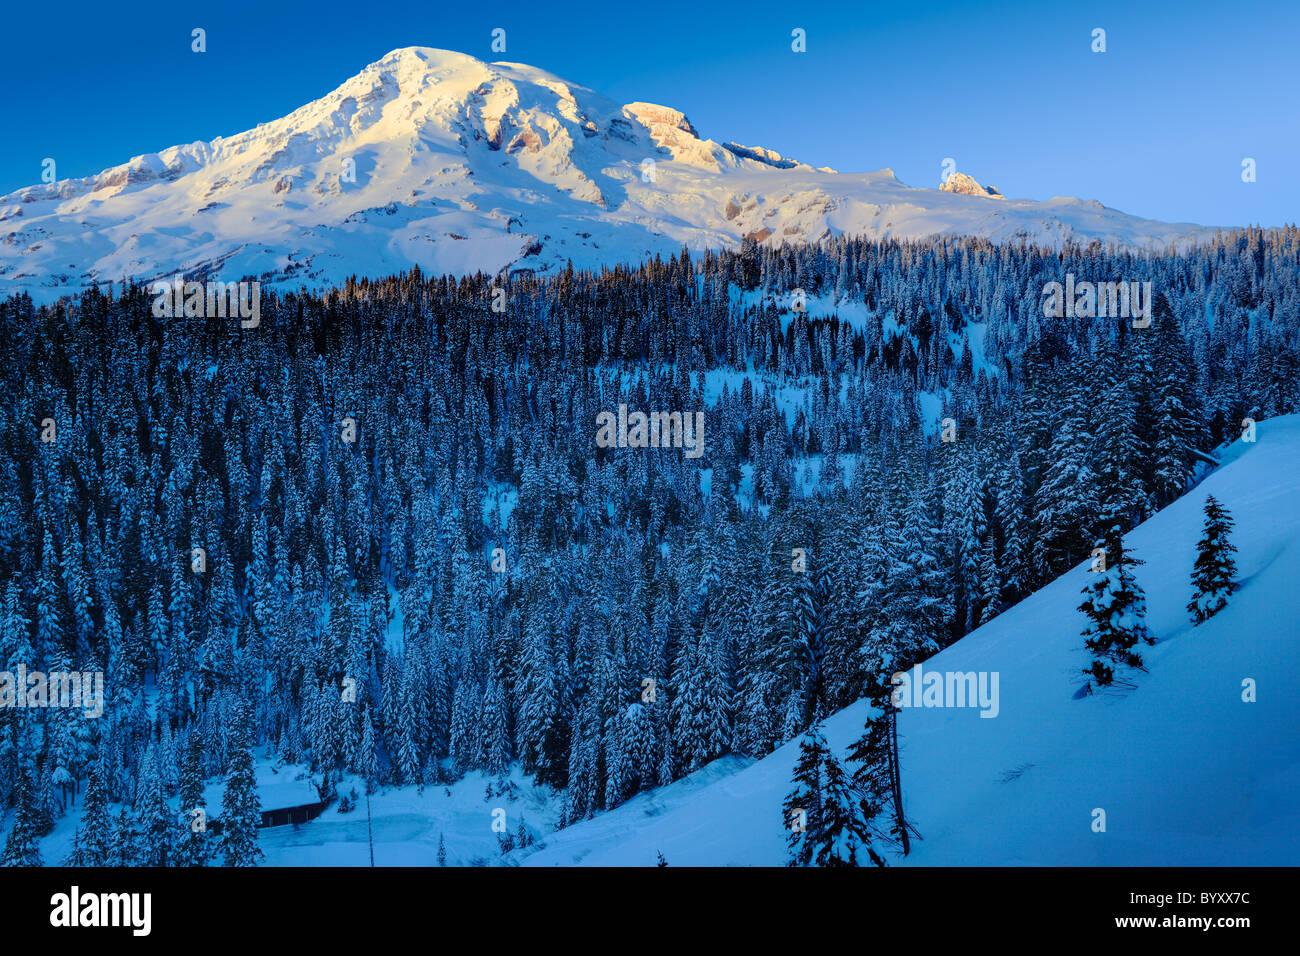 Vista del versante sud del monte Rainier al tramonto nel mezzo dell'inverno Immagini Stock